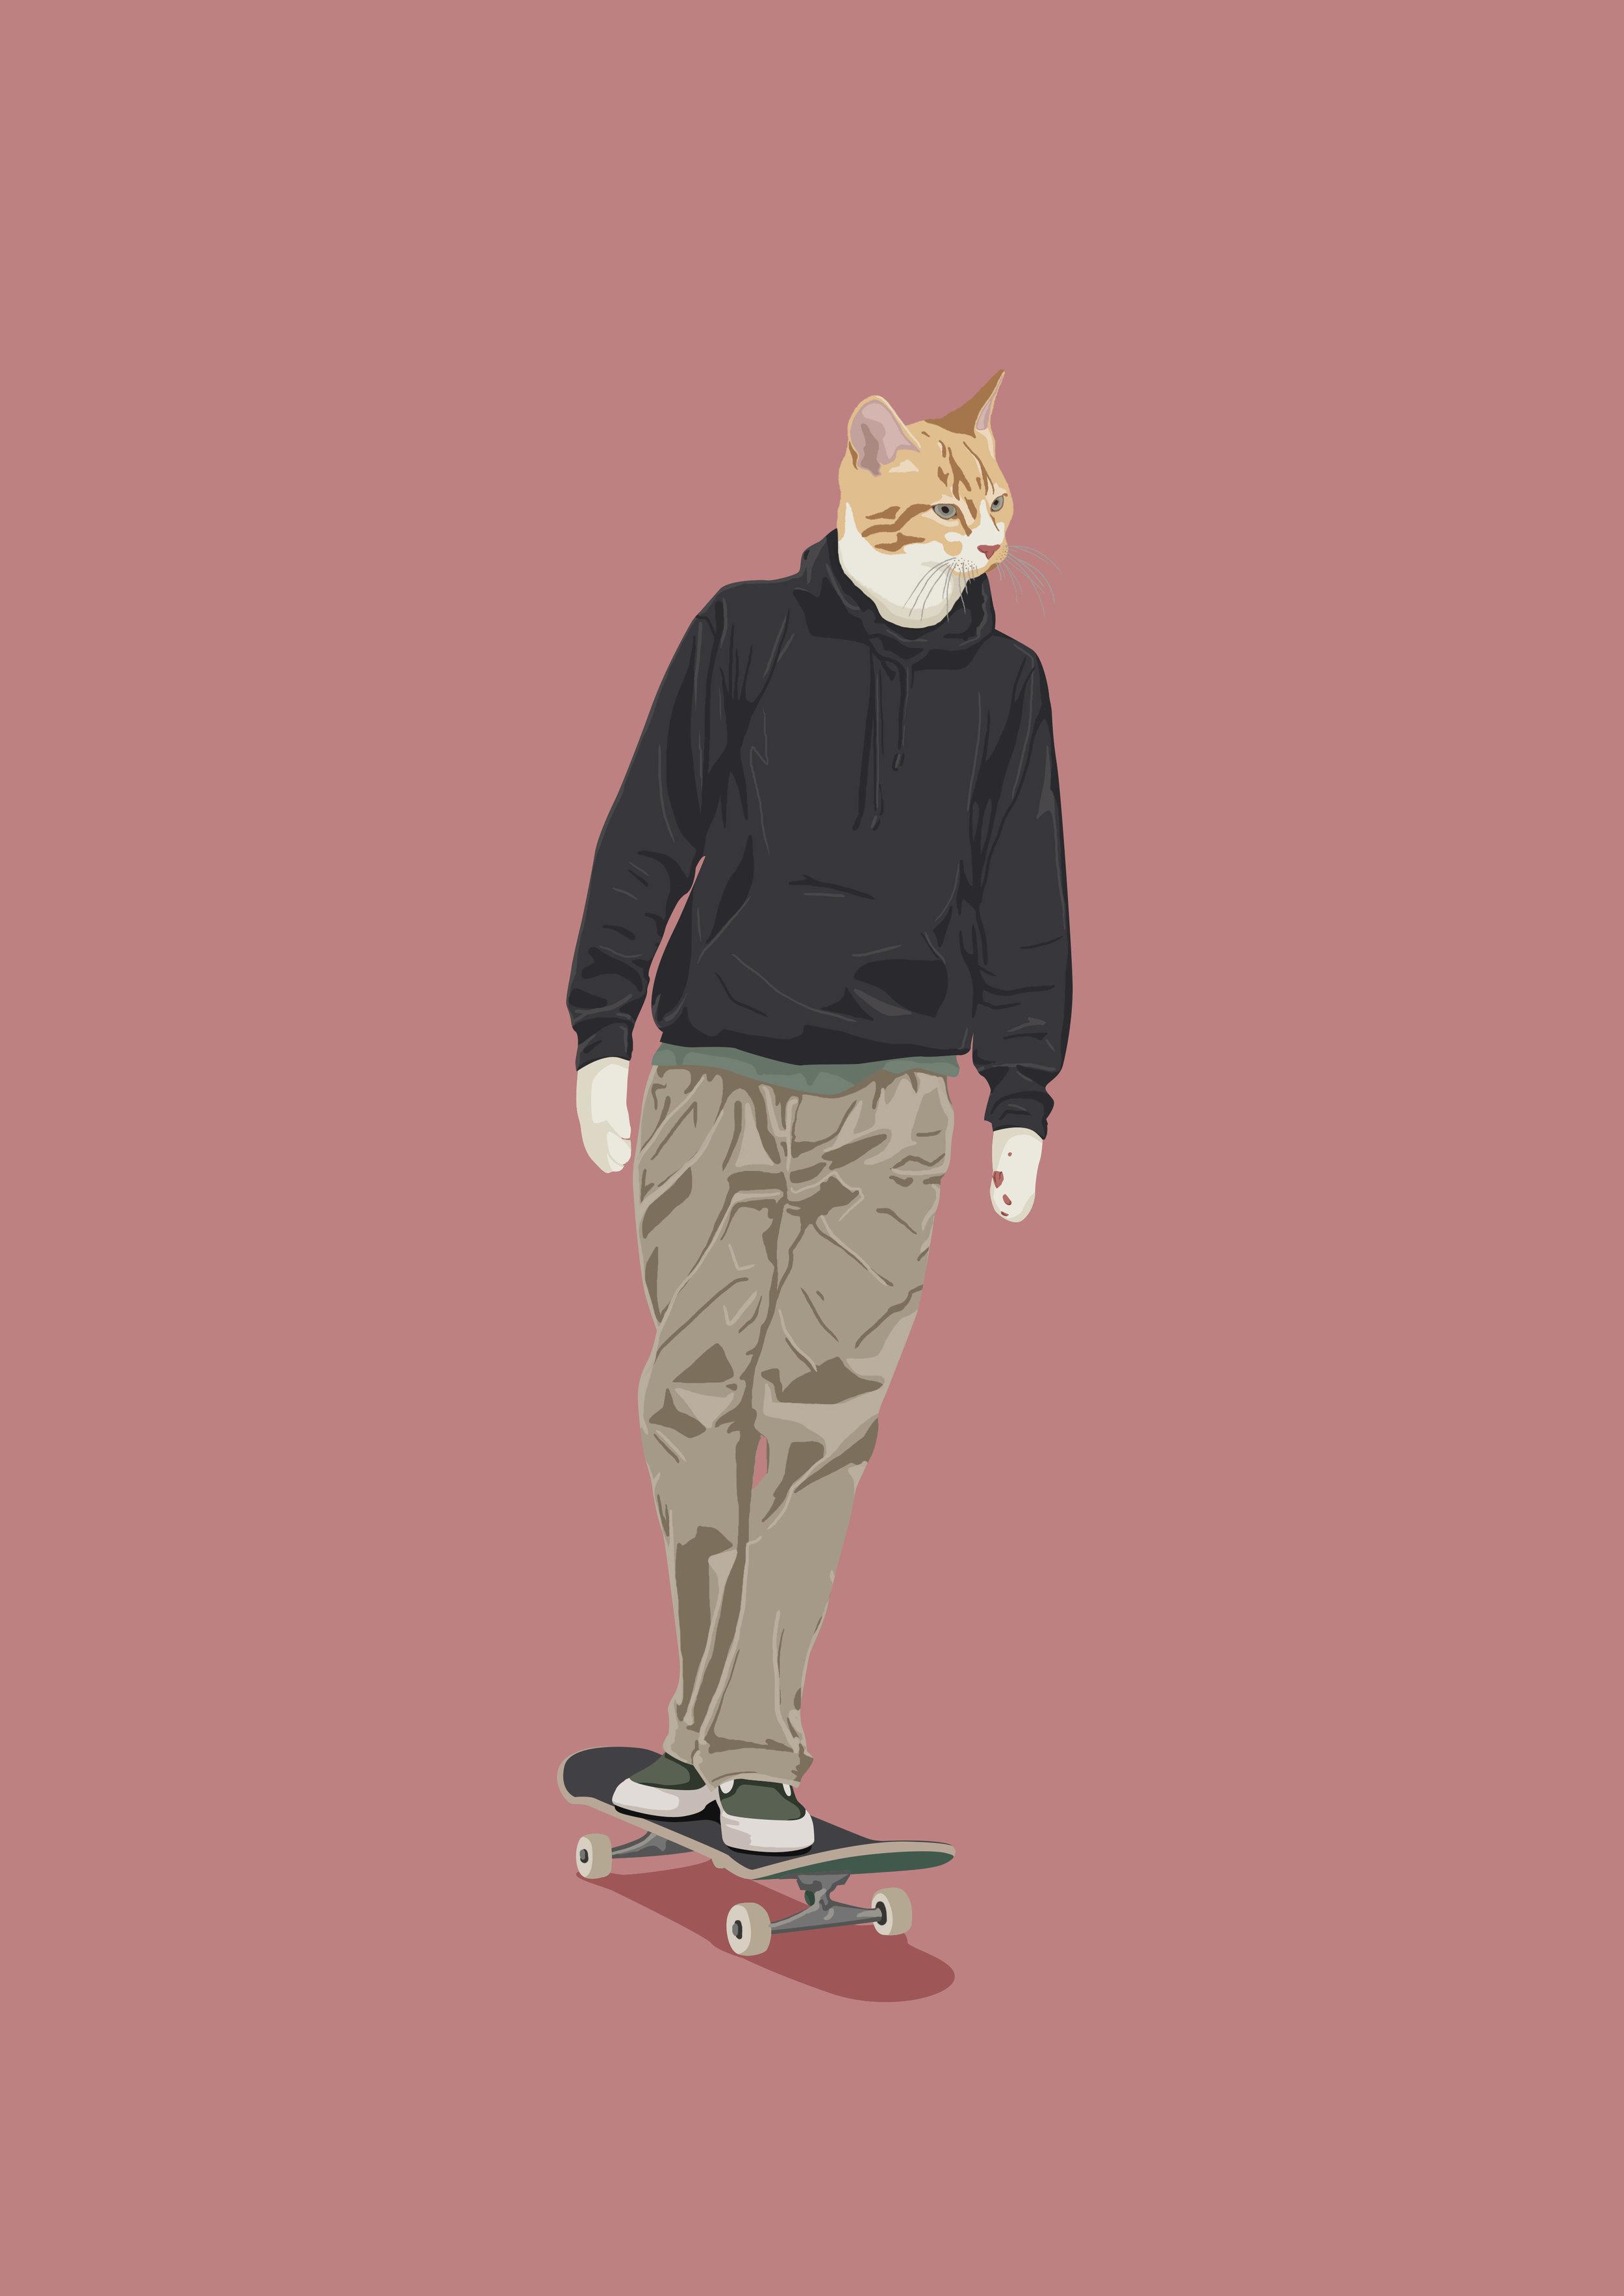 Ollie+skateboarding.jpg